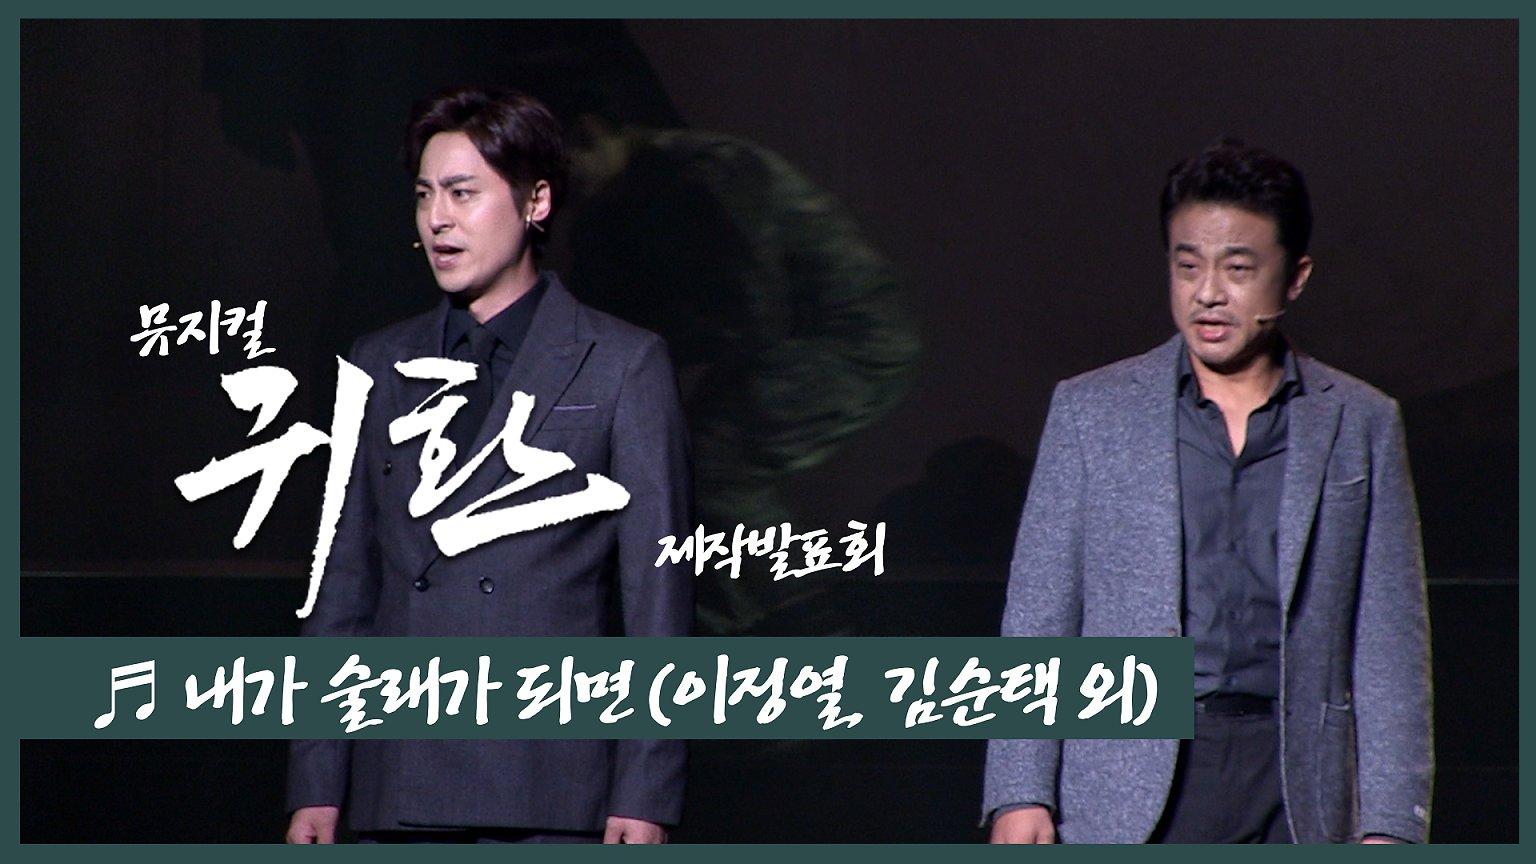 뮤지컬 '귀환' 2019 제작발표회 '내가 술래가 되면' - 이정열, 김순택 외